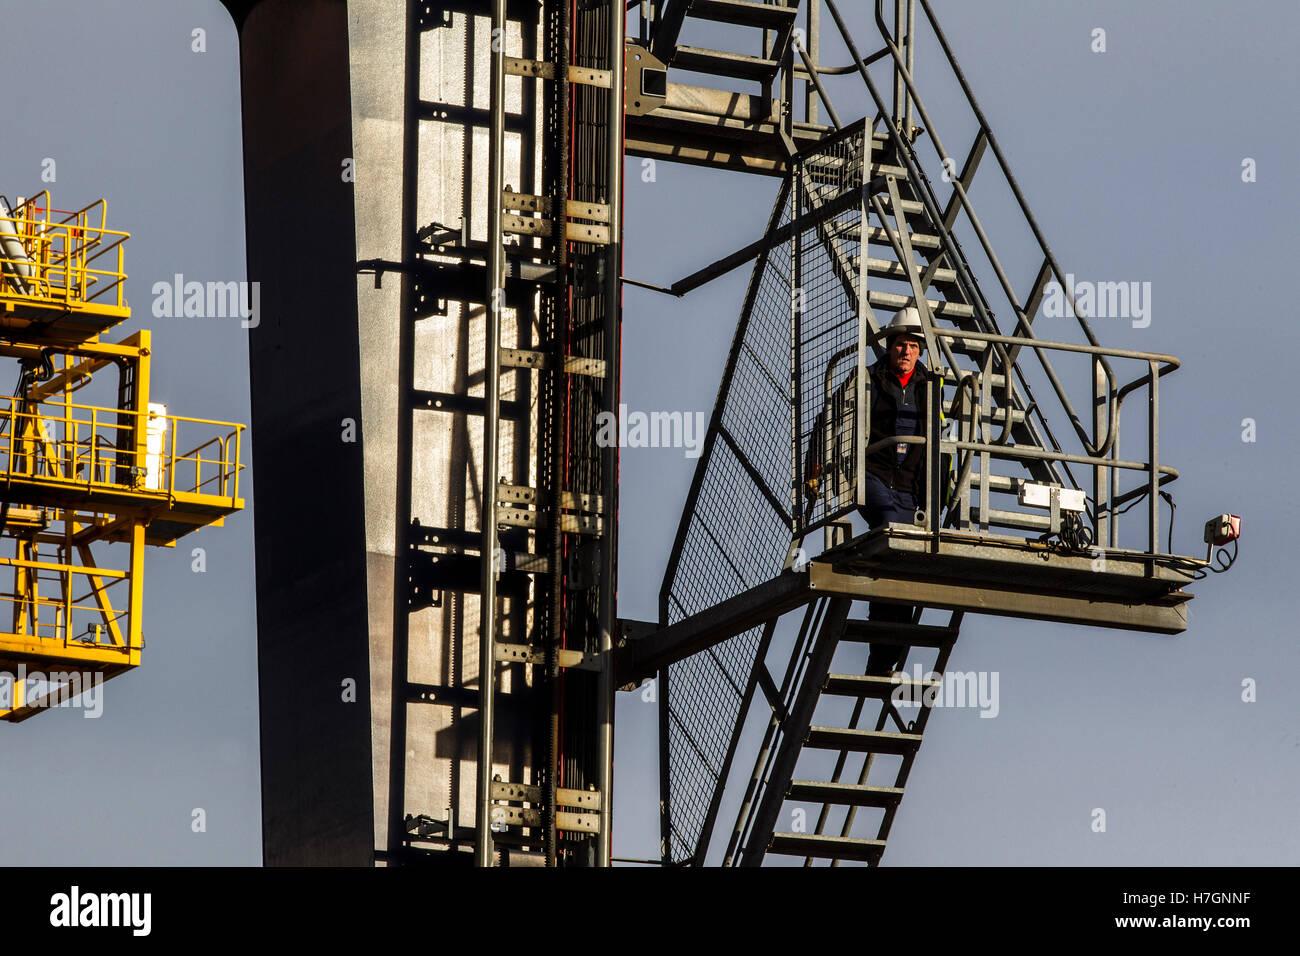 Man climbing ladder on large dock crane at Grangemouth - Stock Image